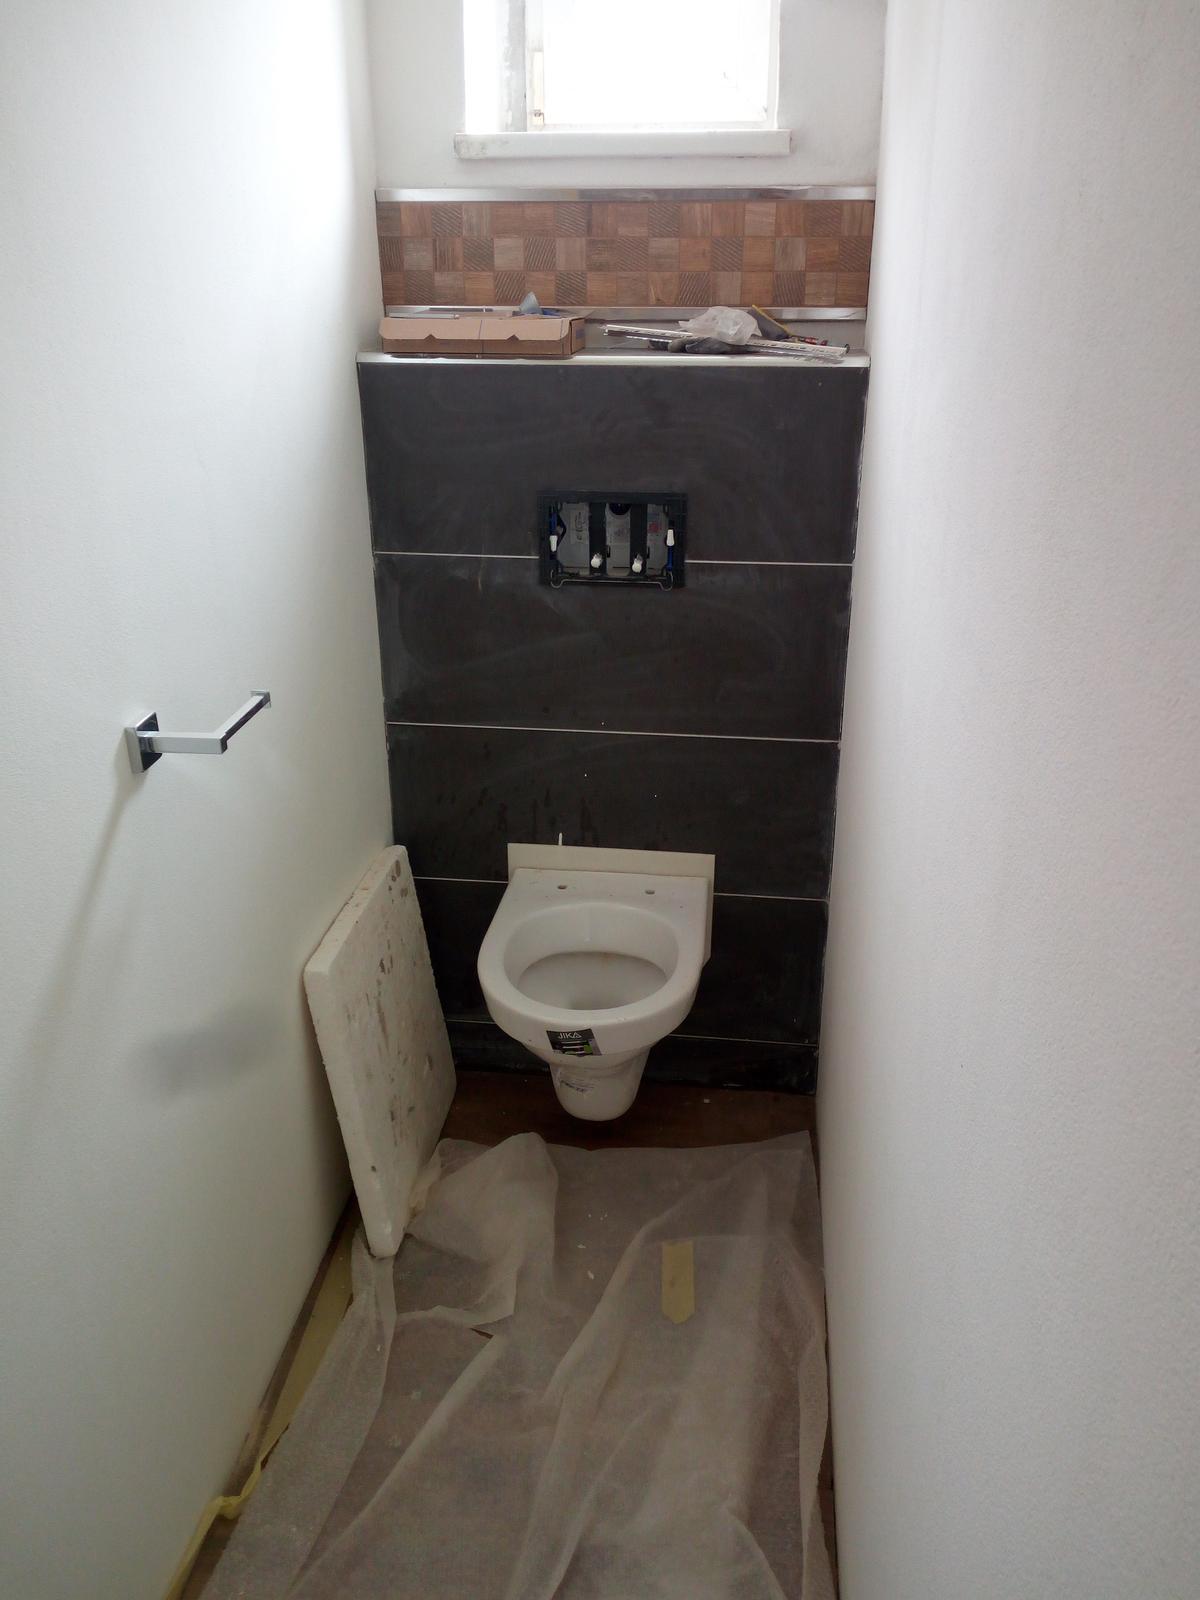 Predelaval jsem znamemu byt... - Obrázek č. 3